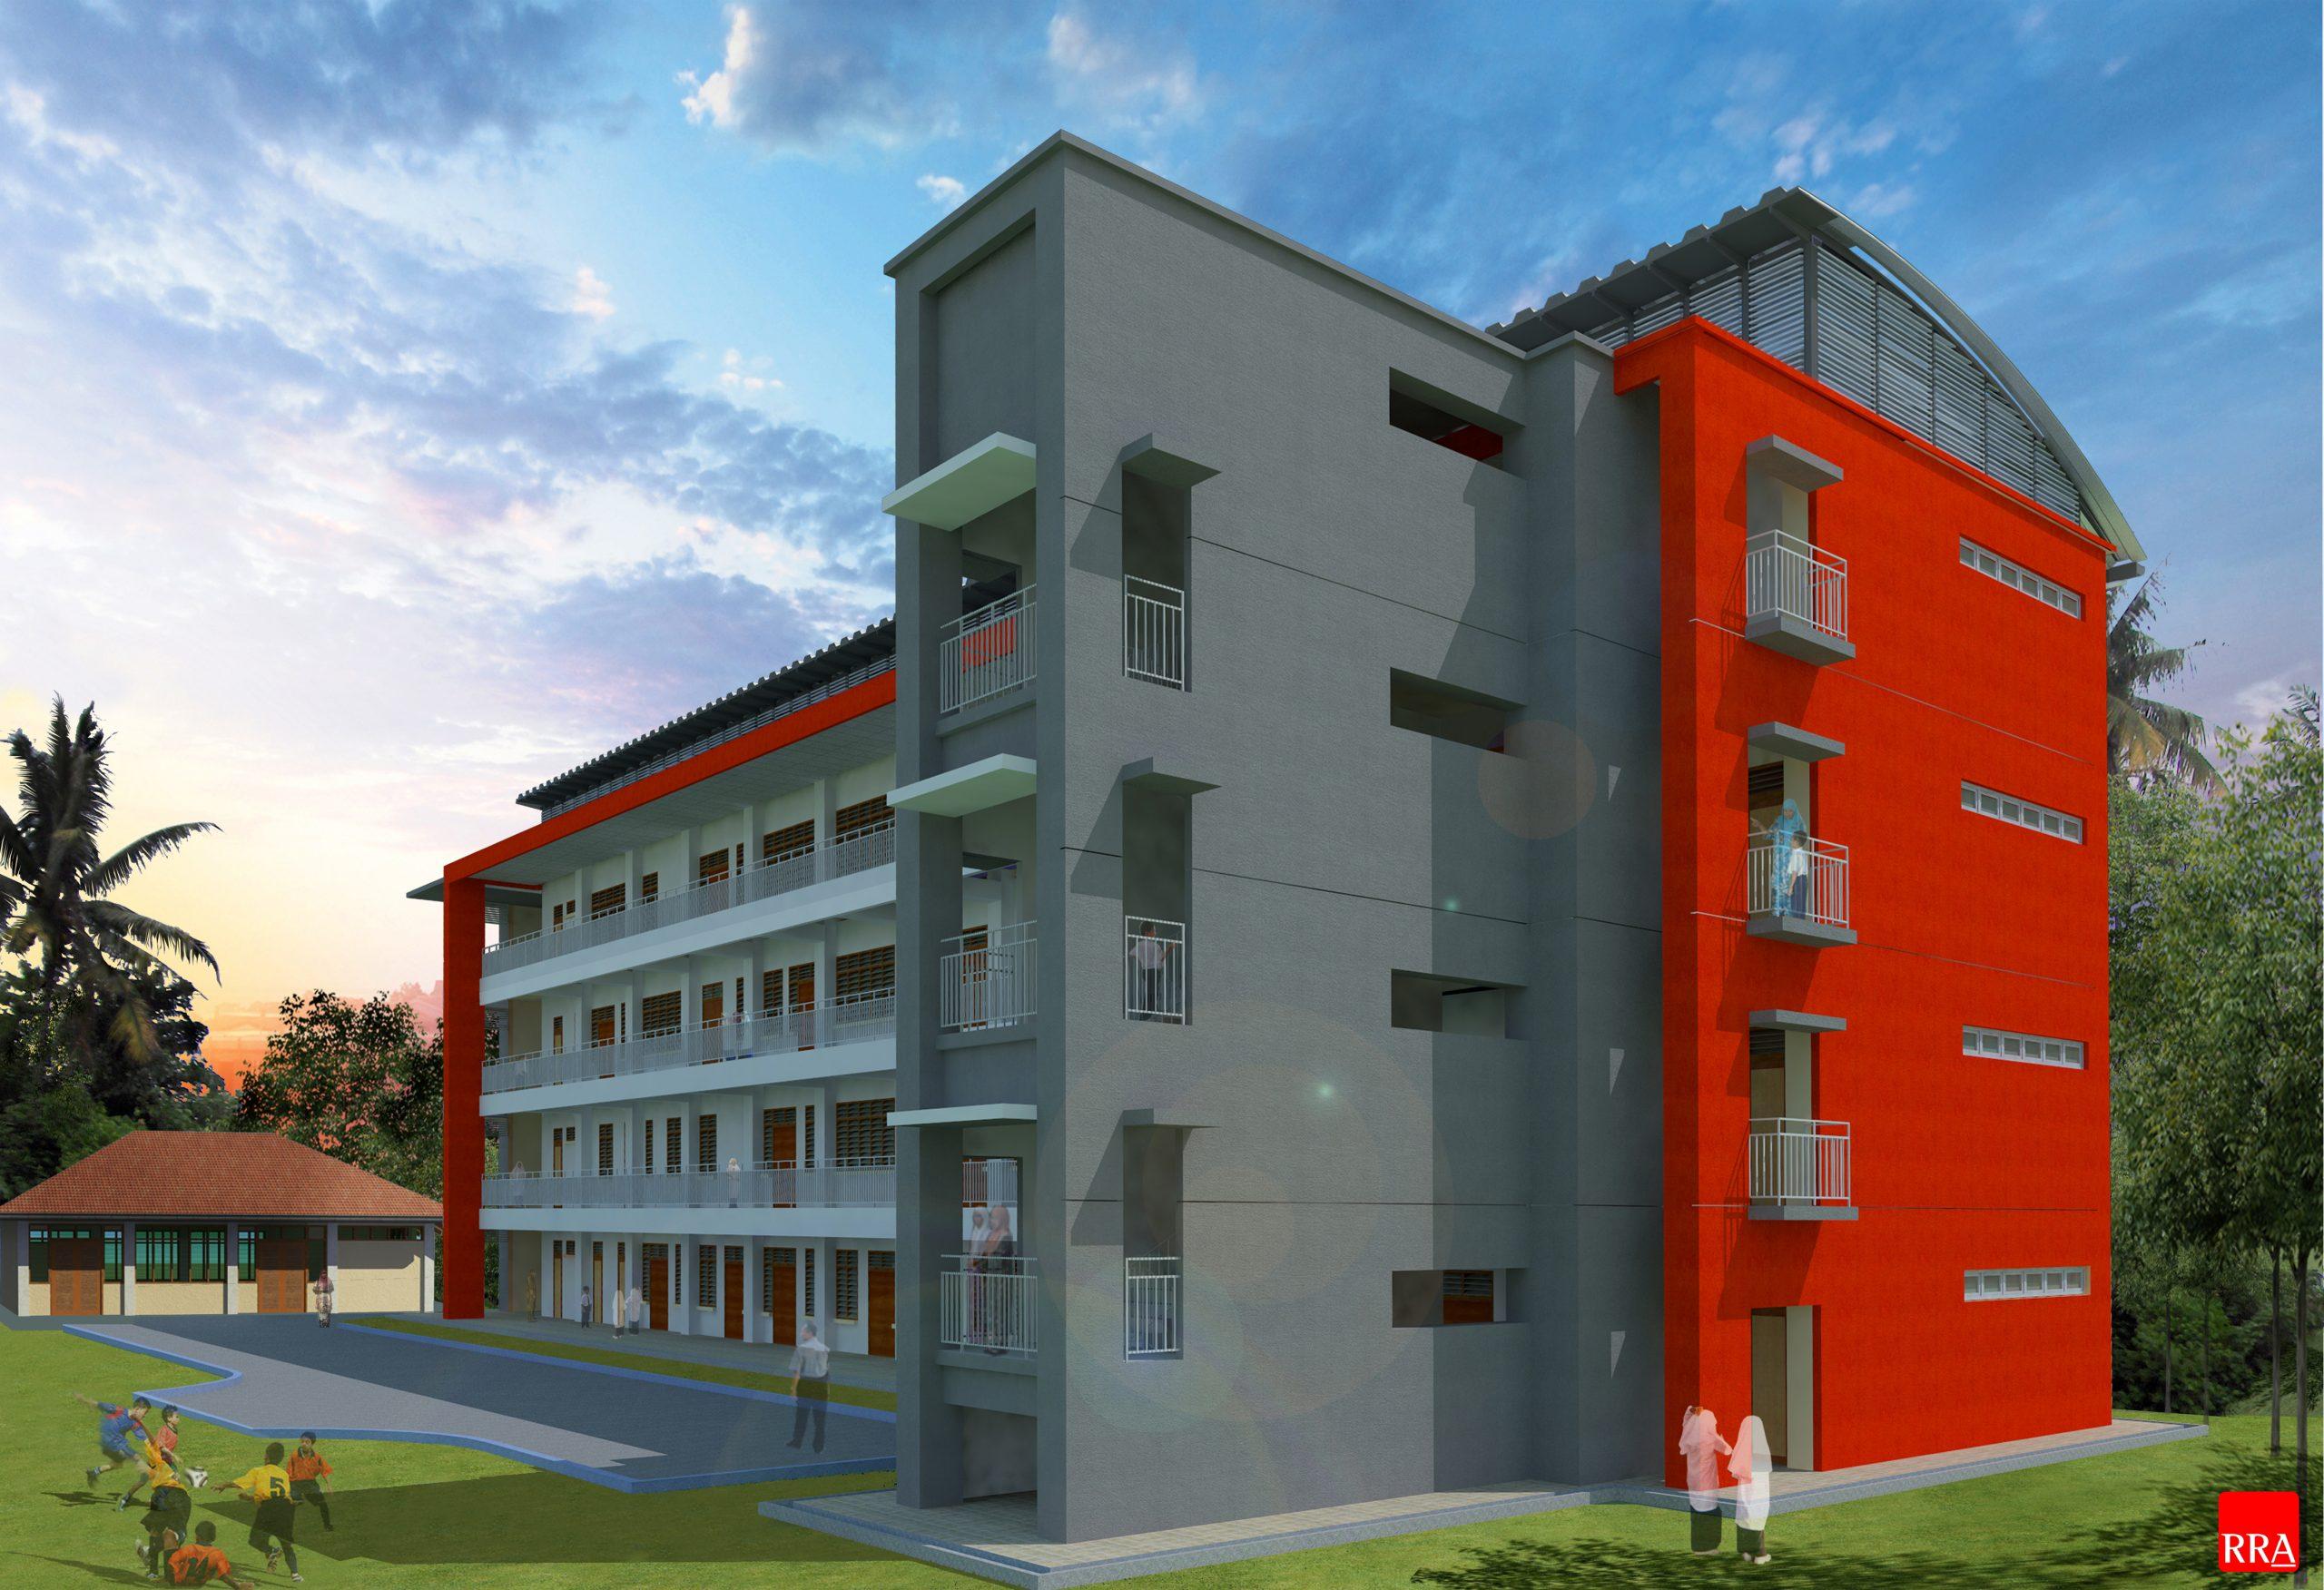 Melaka Pindah Primary School